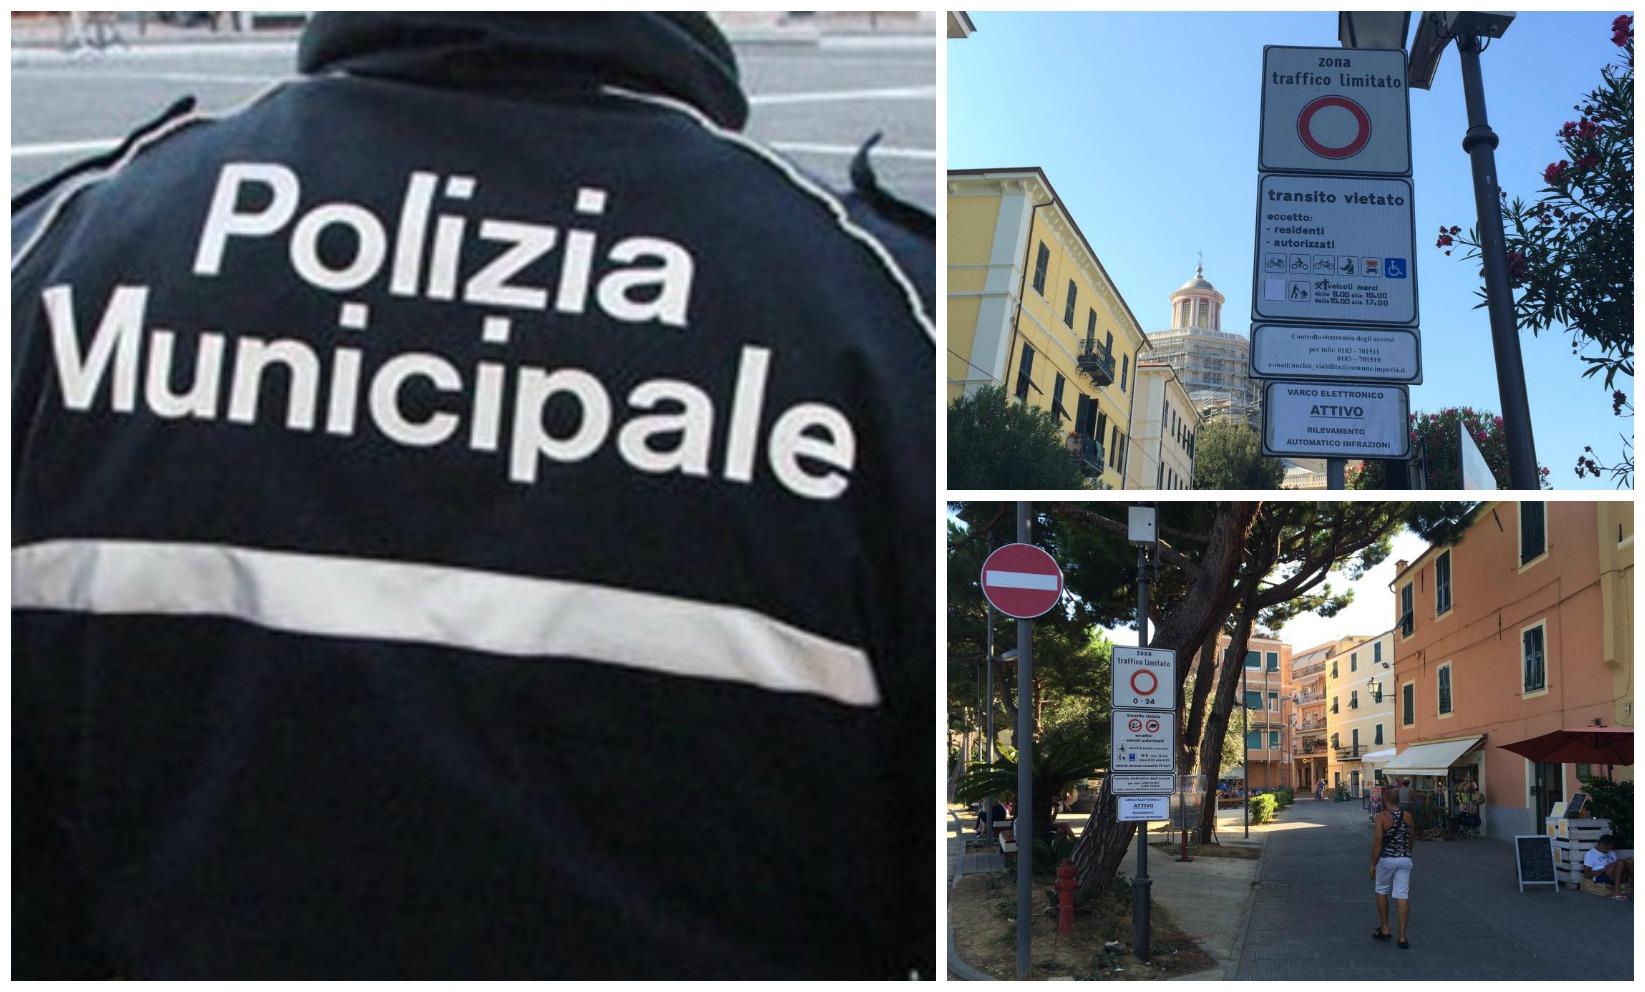 polizia pass_ztl